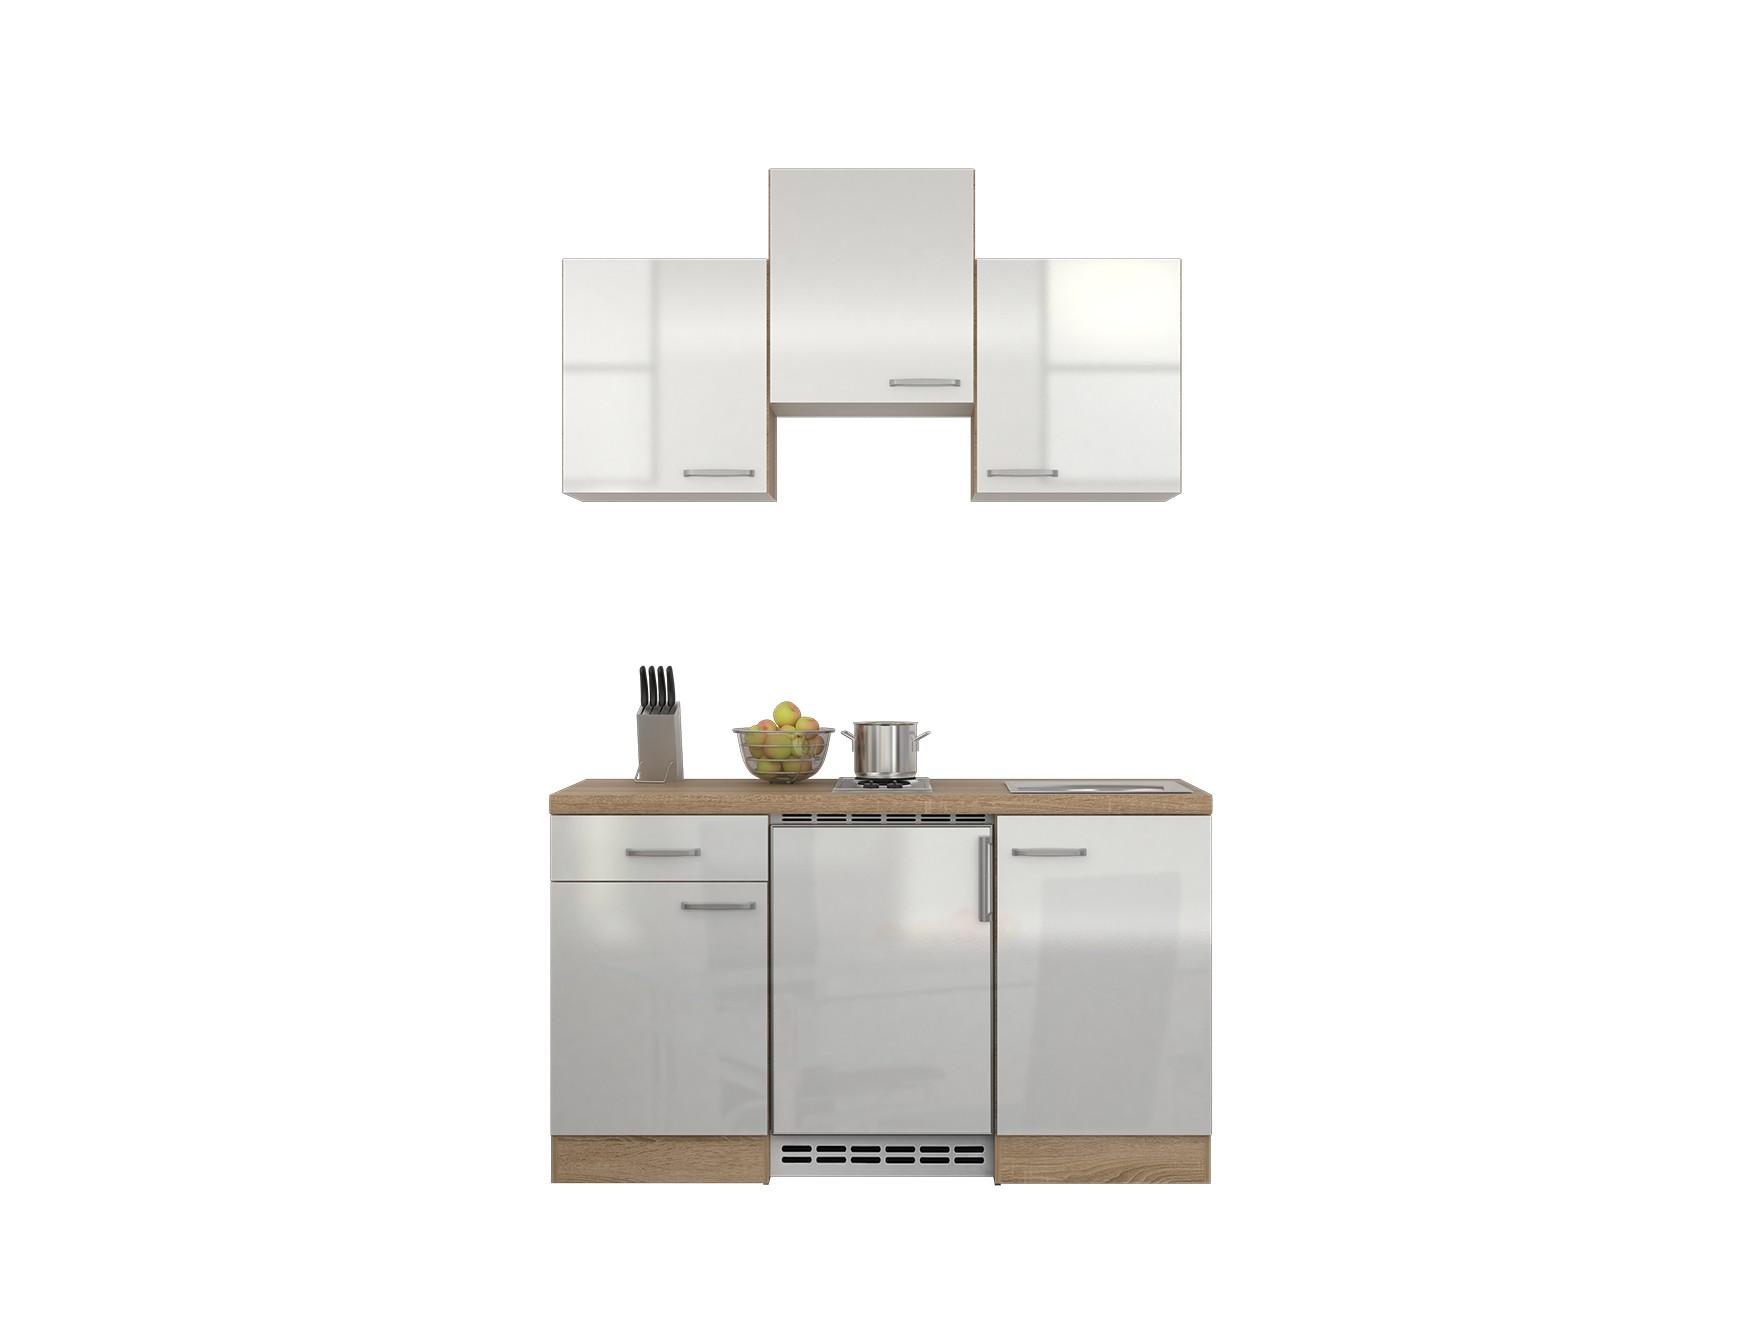 singlek che venedig mit elektro kochfeld und k hlschrank breite 150 cm wei k che singlek chen. Black Bedroom Furniture Sets. Home Design Ideas